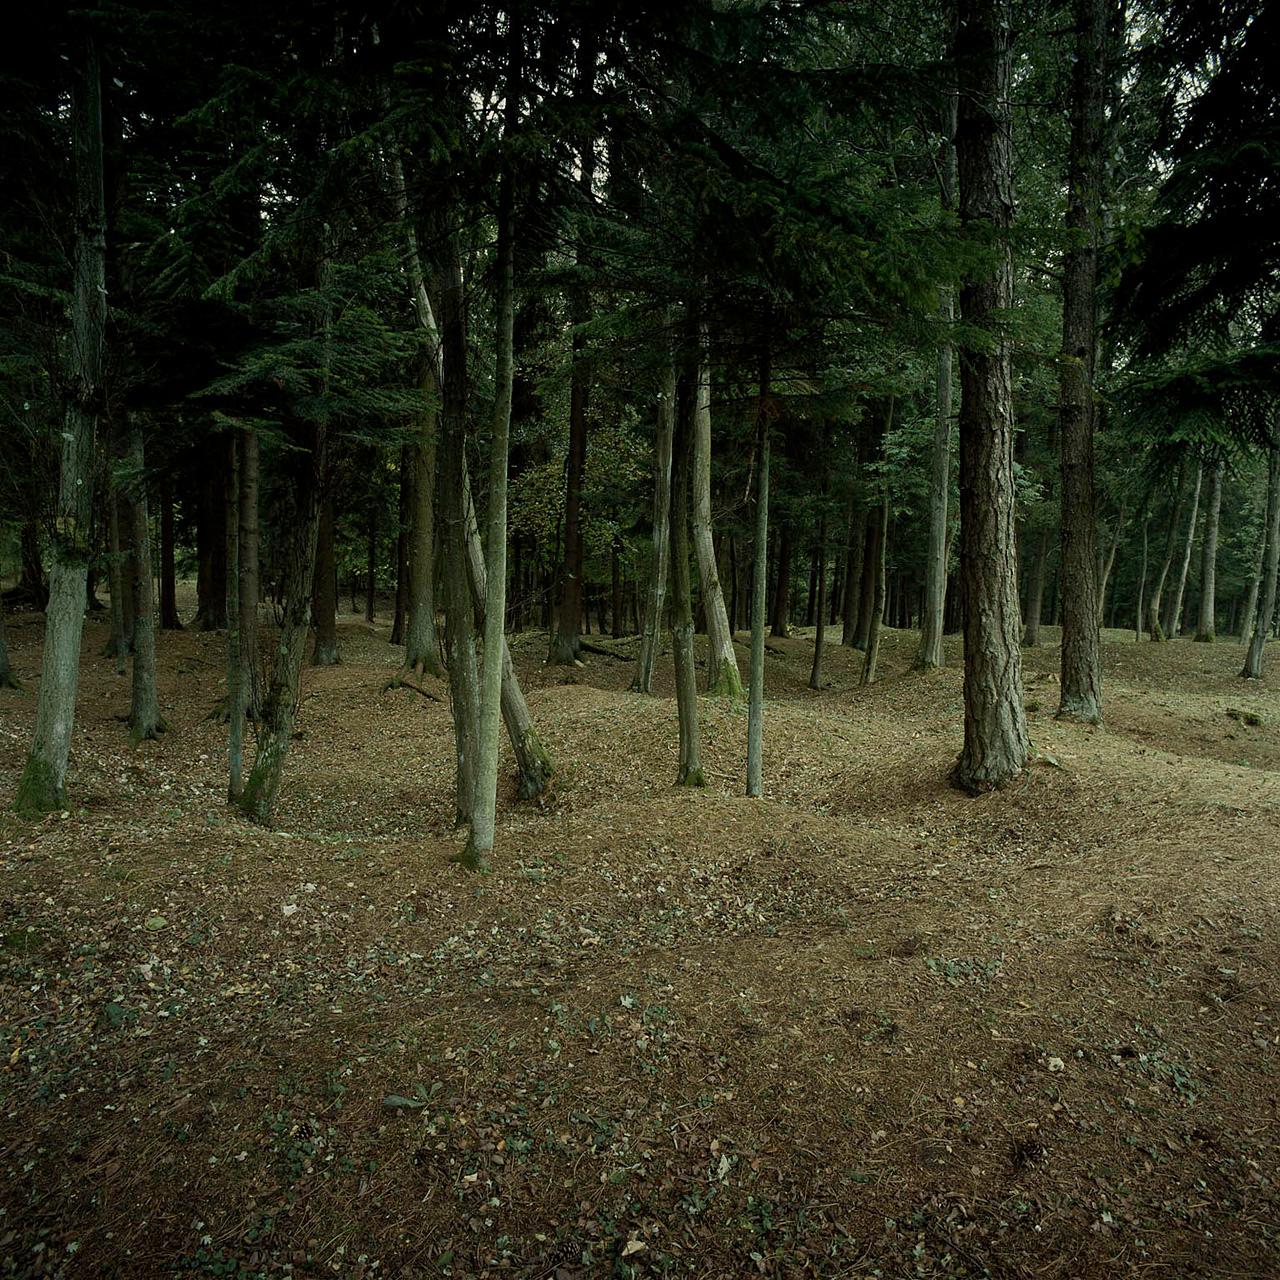 Landschaft Fotografie | Schlacht von Verdun, Frankreich